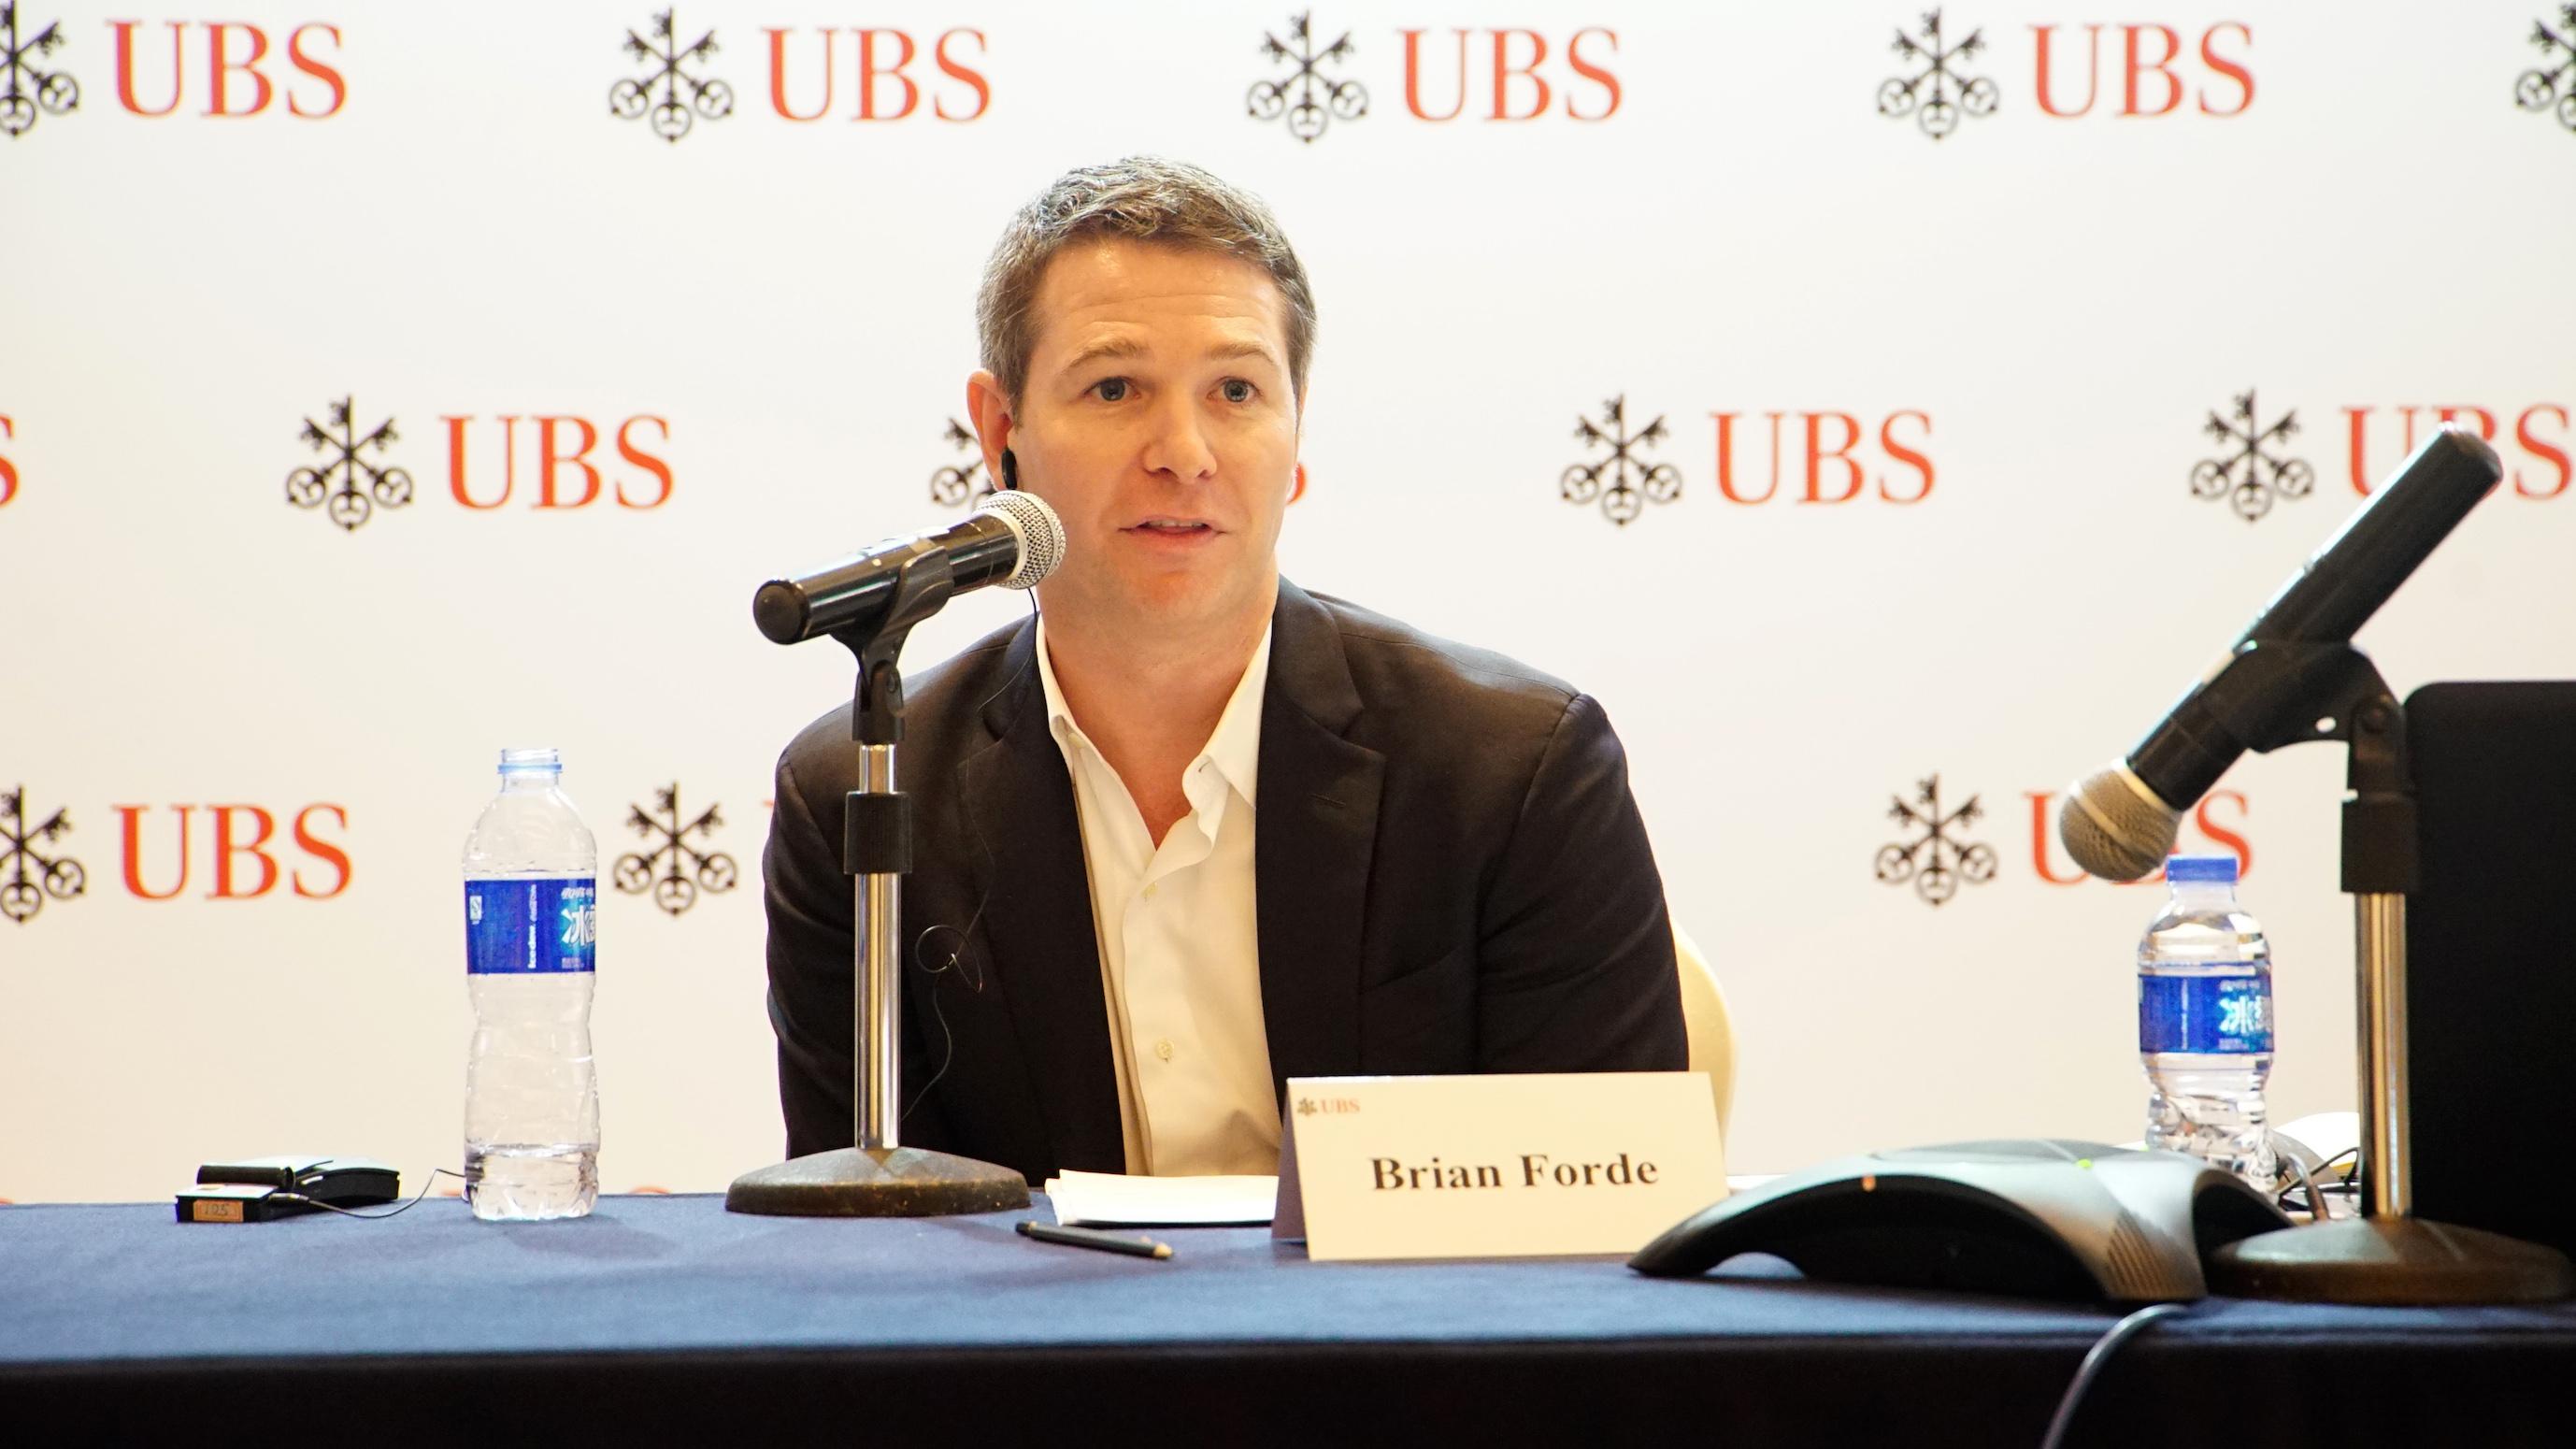 麻省理工学院斯隆商学院区块链及比特币高级讲师Brian Forde